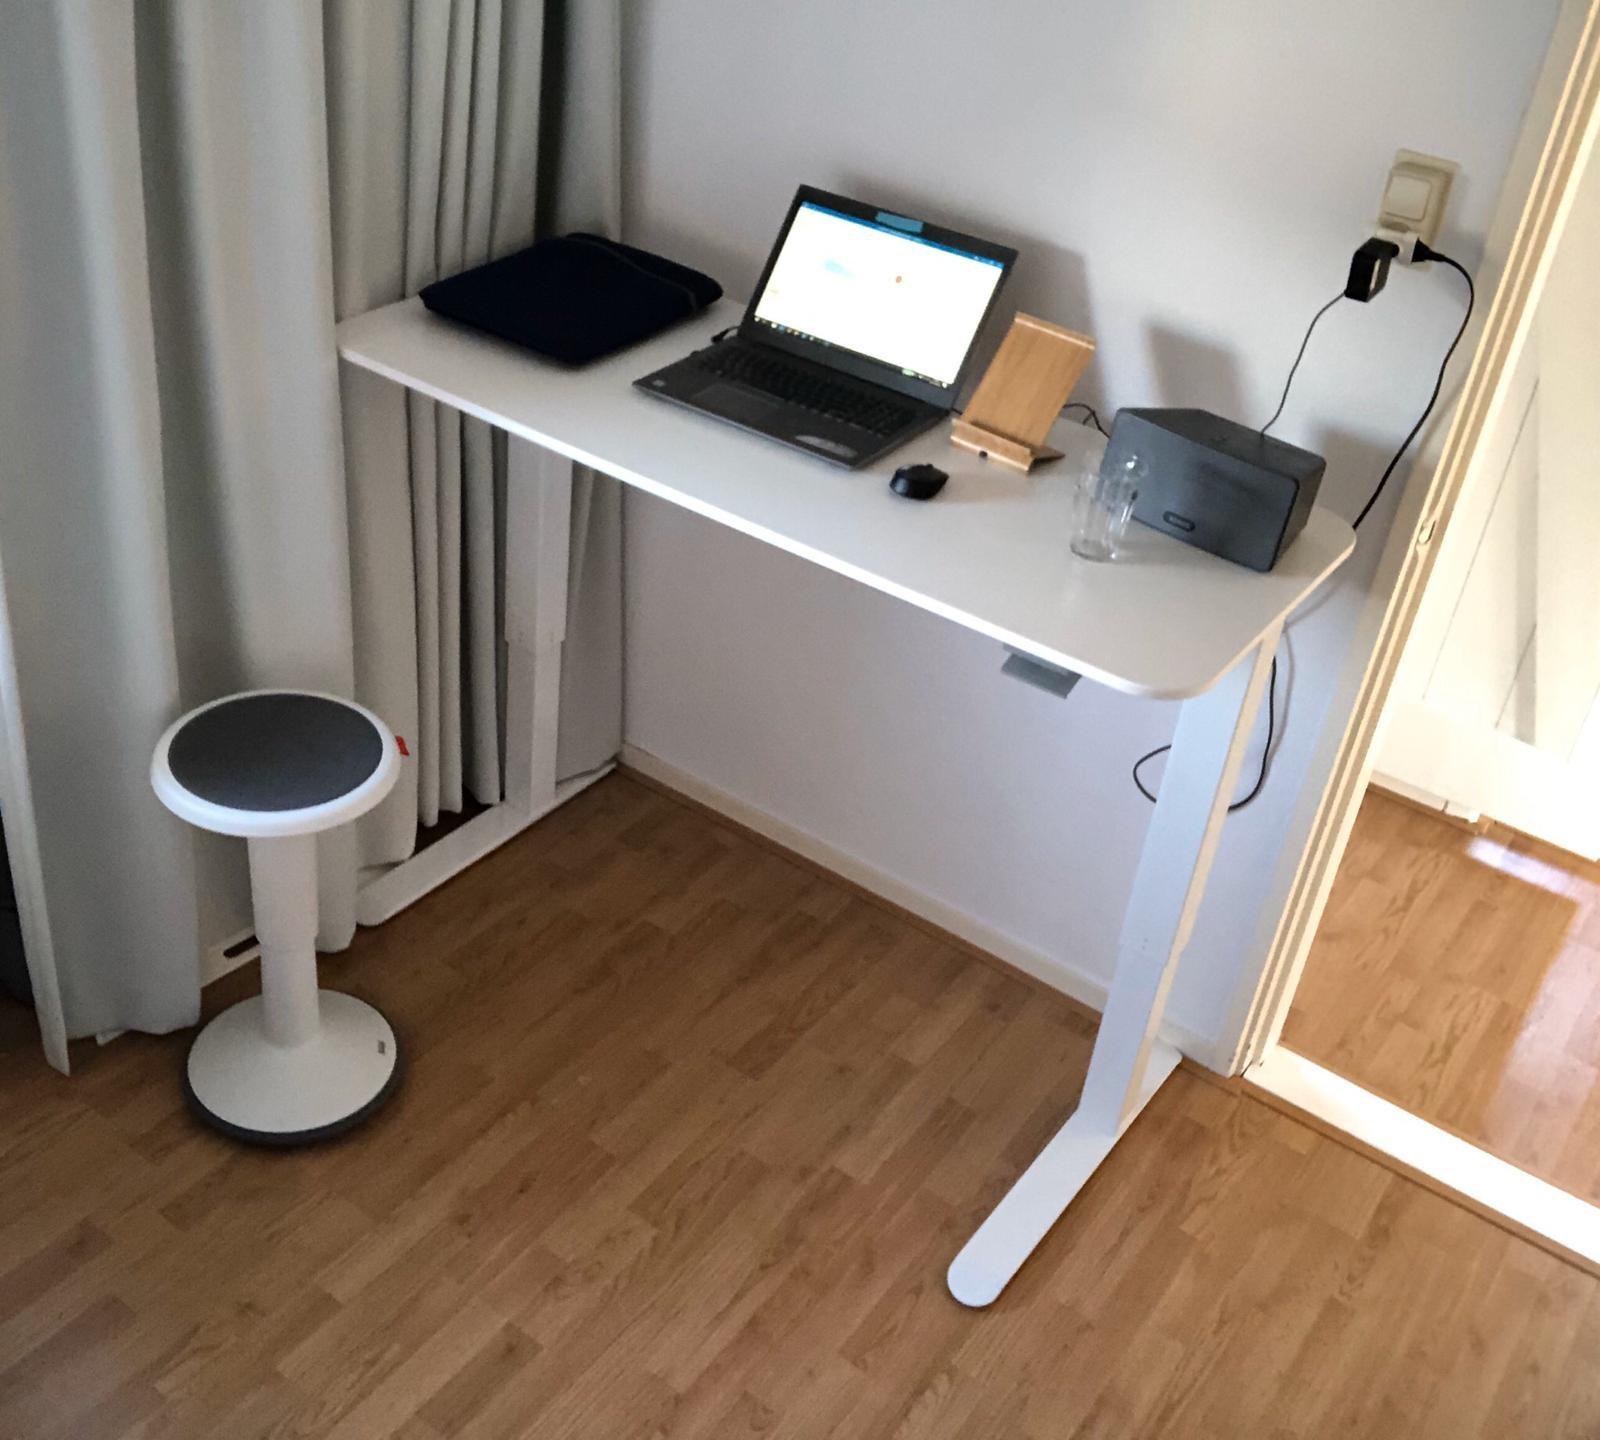 desk office updesk air